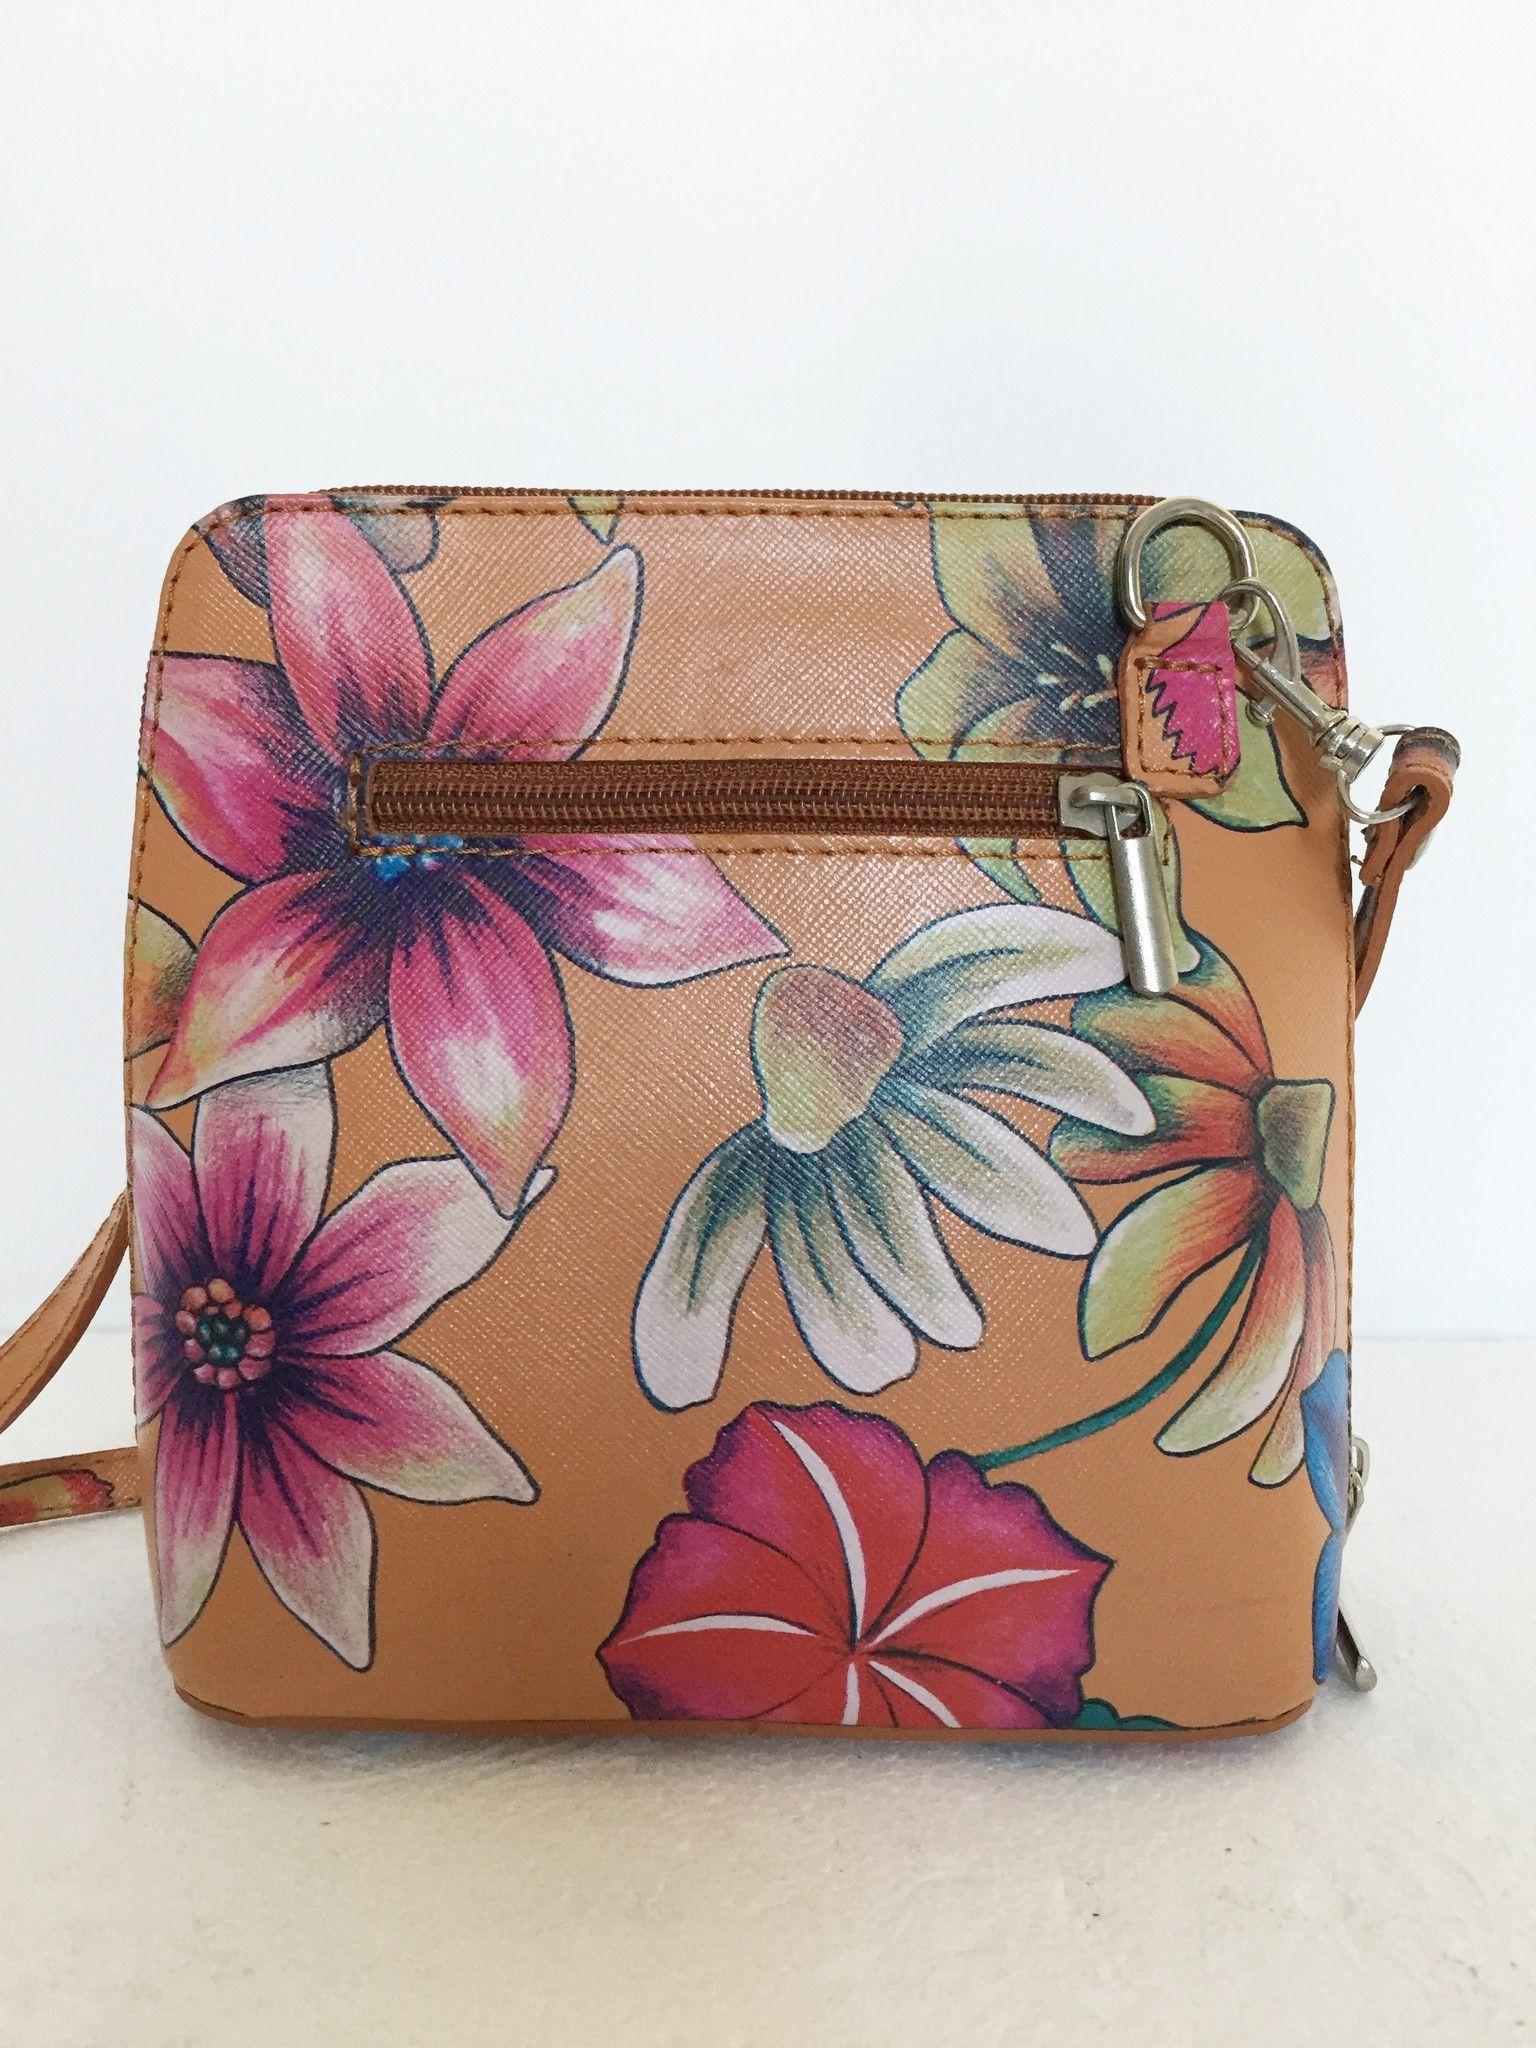 LadyBug mini shoulder bag in floral design Cod.0102